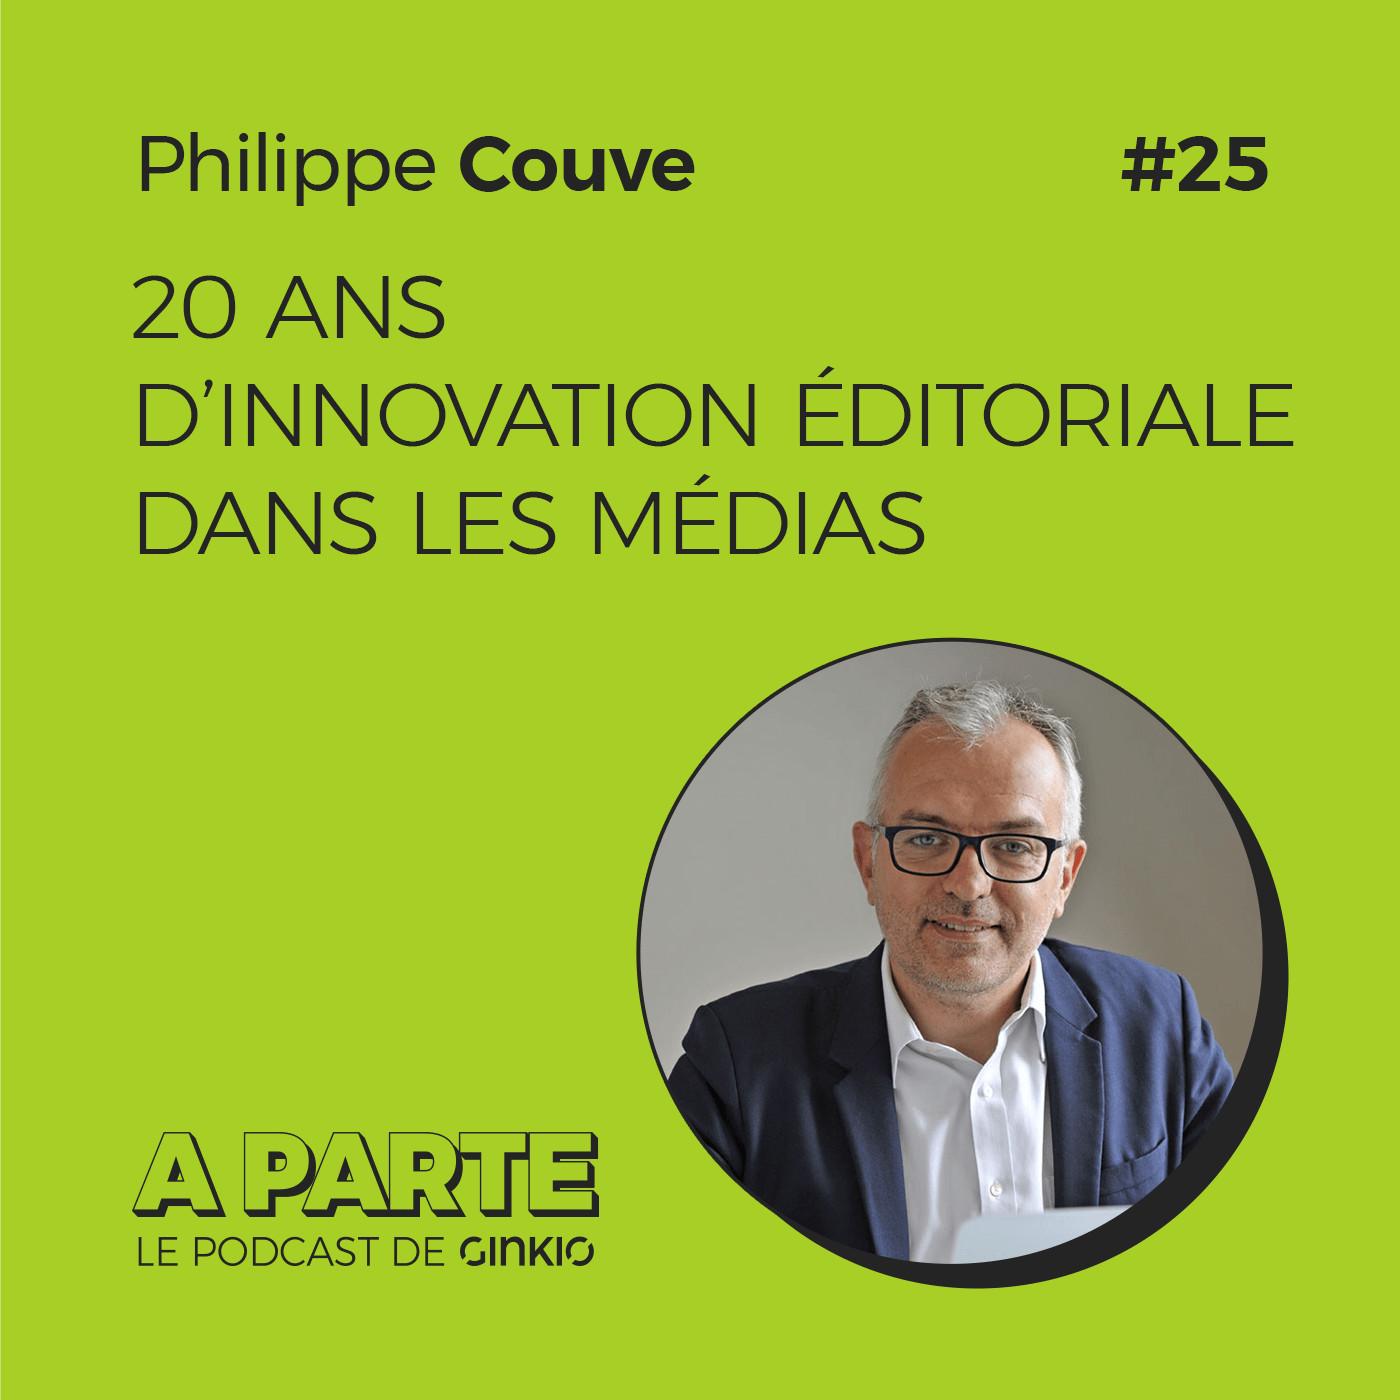 20 ans d'innovation éditoriale dans les médias, avec Philippe Couve